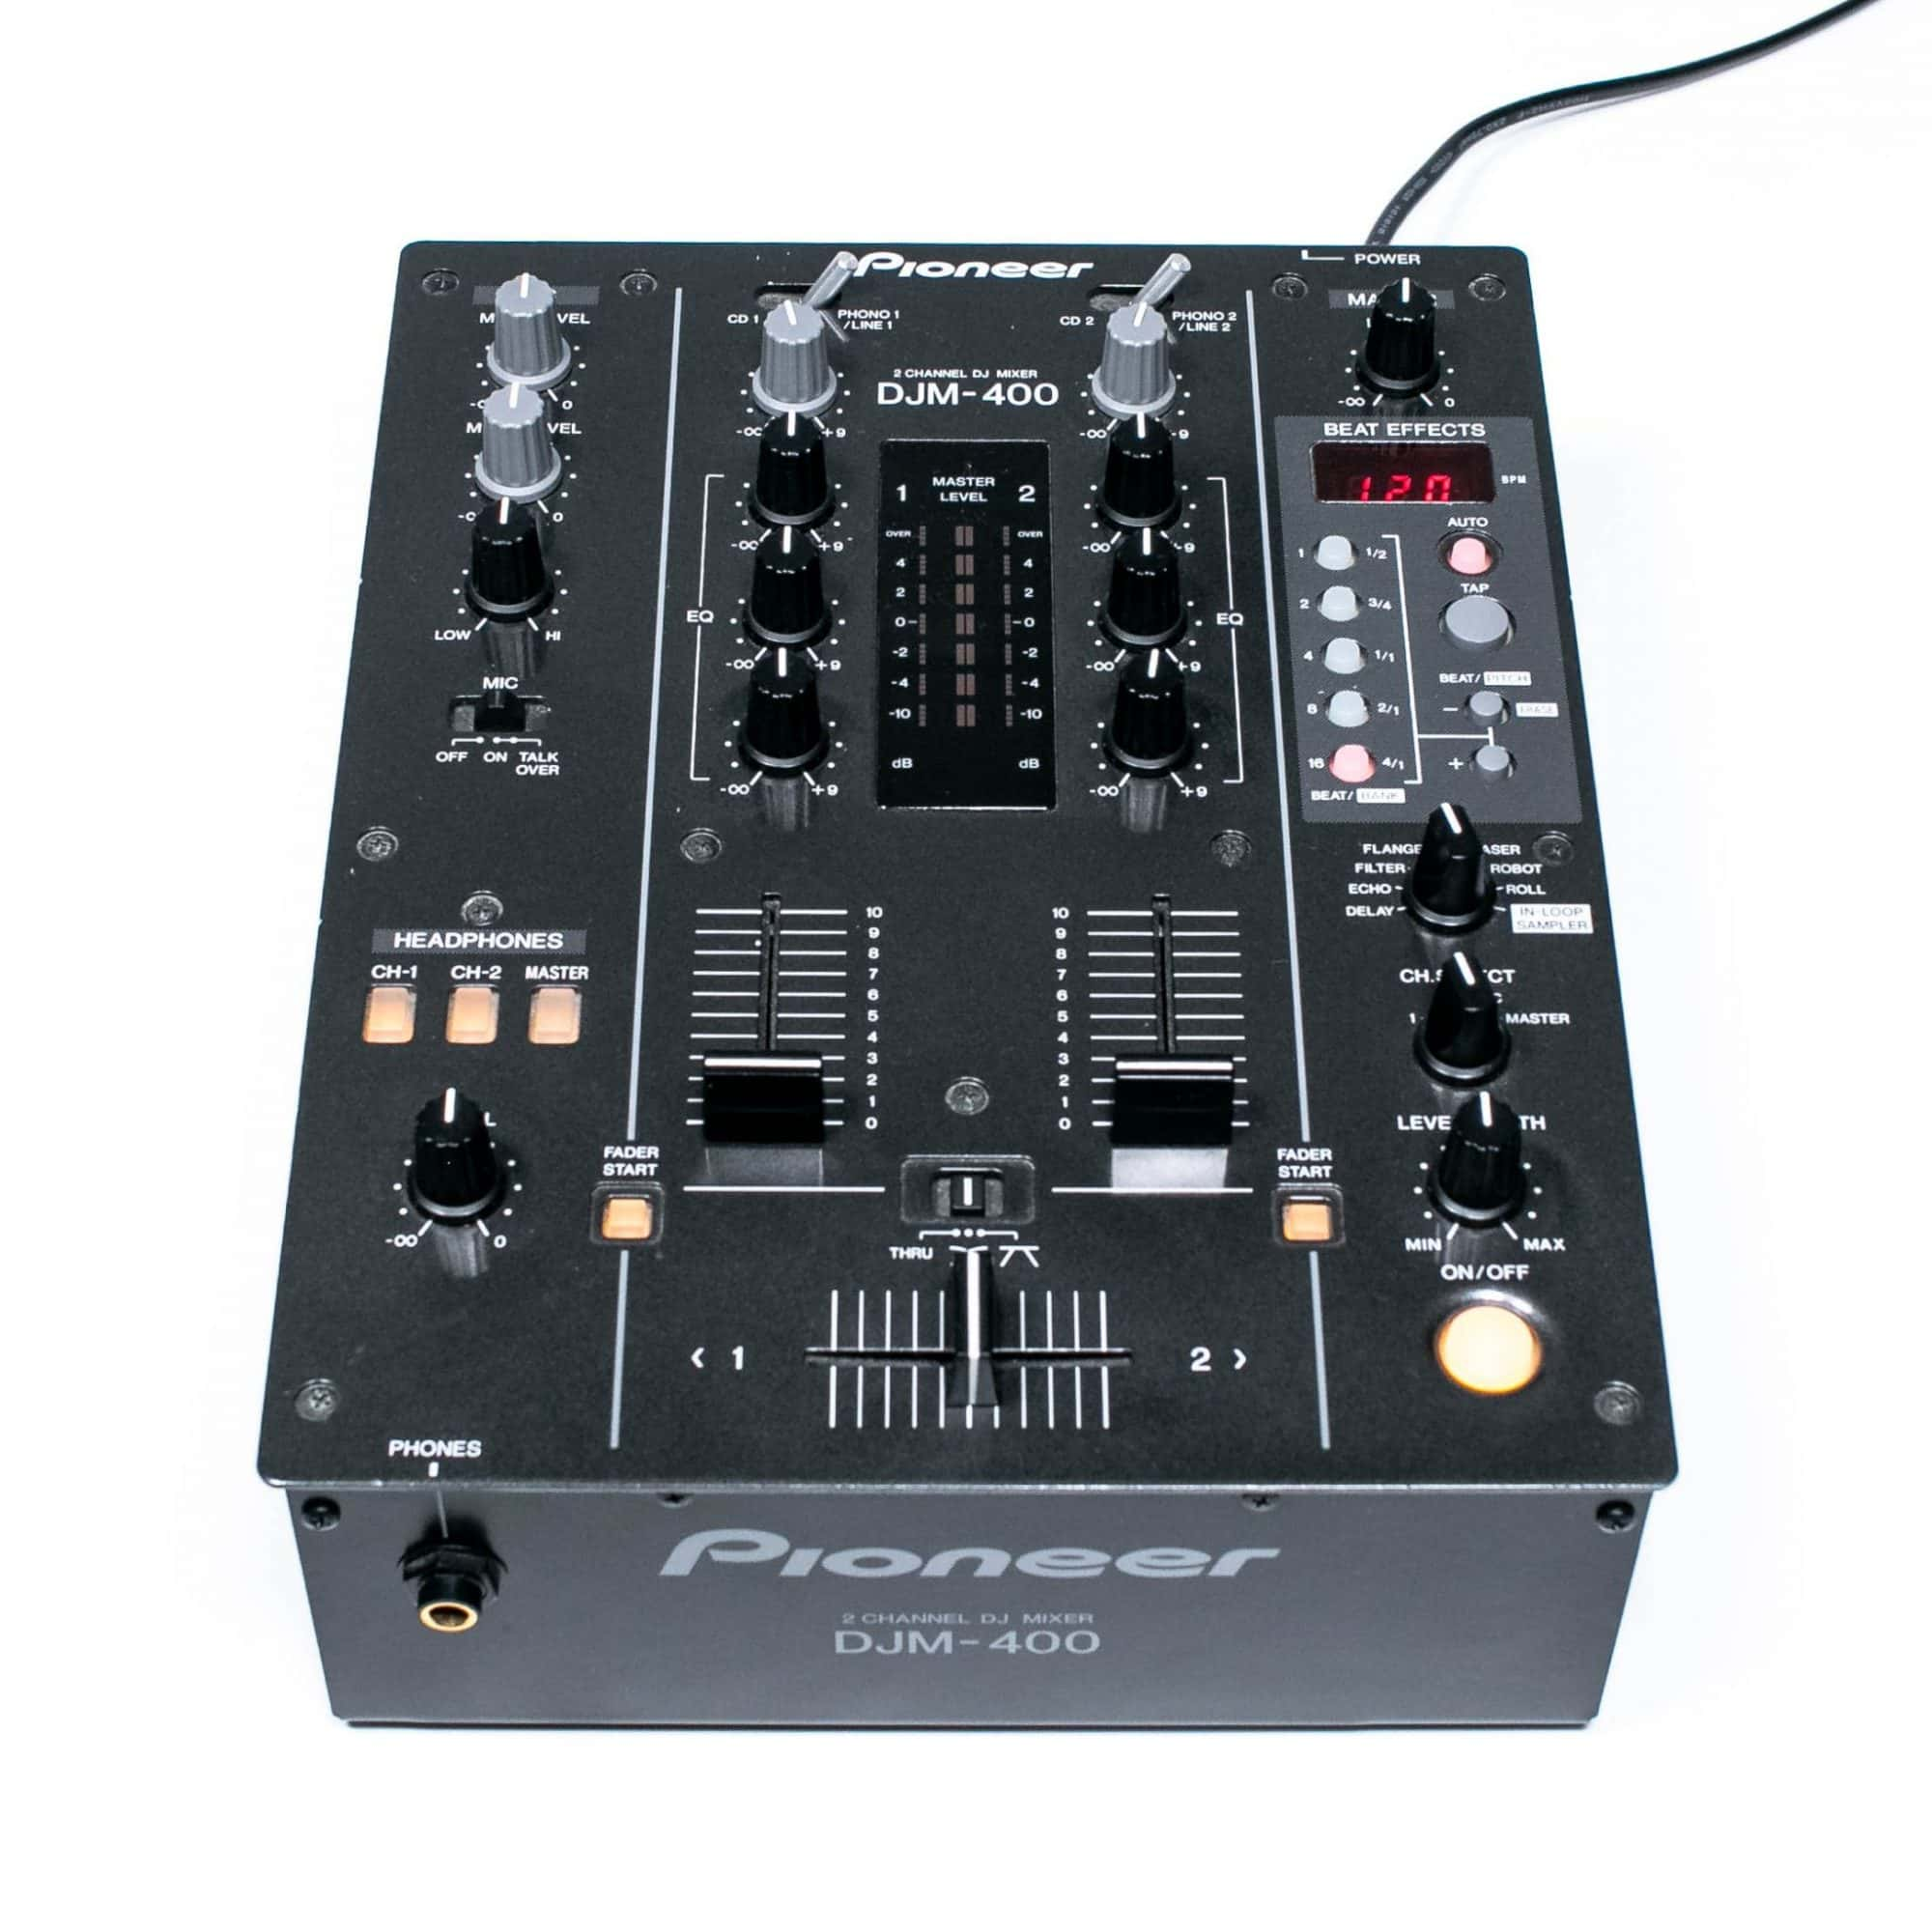 gebraucht kaufen Pioneer DJM 400